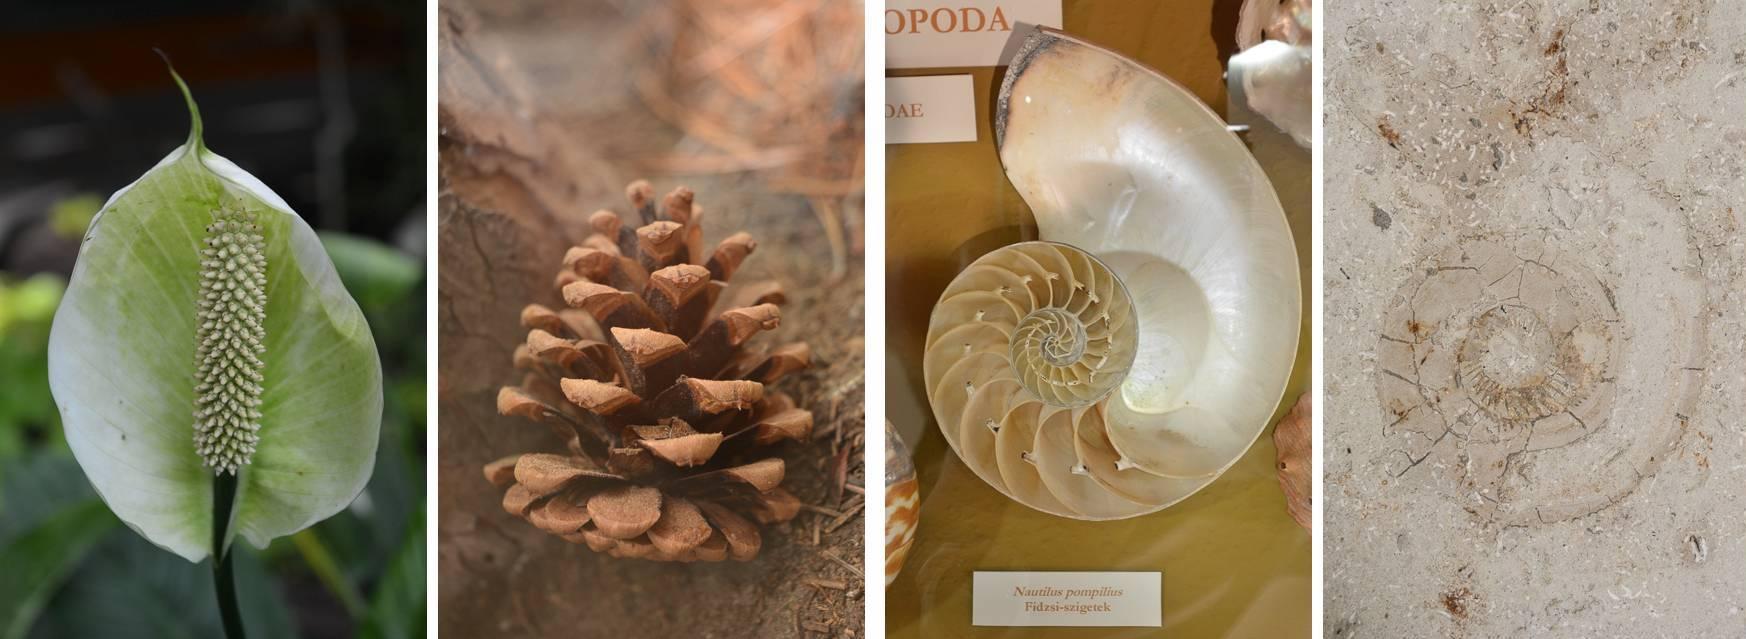 Matematika a Mátra Múzeum természetrajzi kiállításában